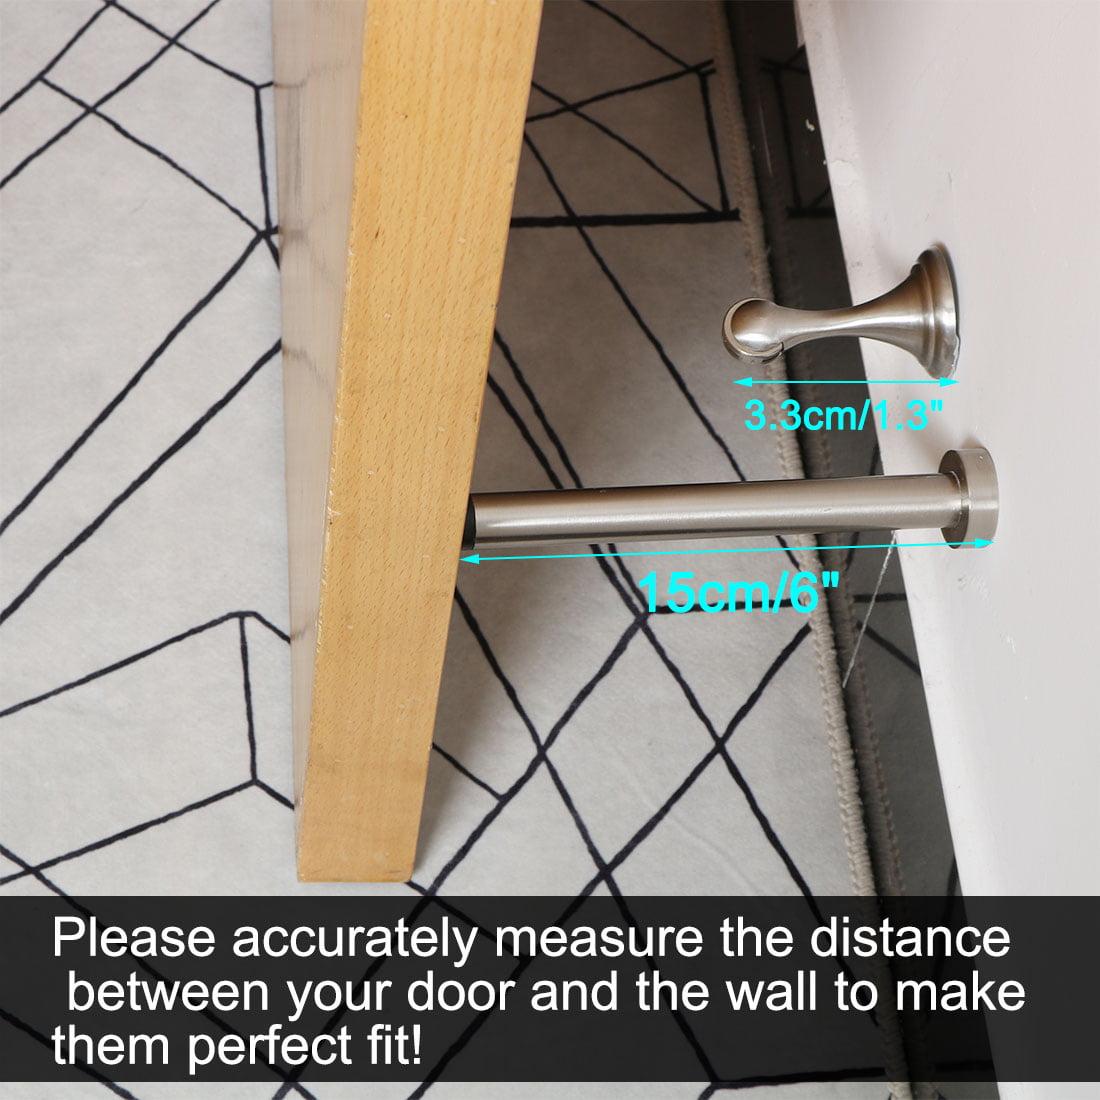 Znic Alloy Household Bedroom Hardware Door Wall Mounted Door Stopper 15cm Length